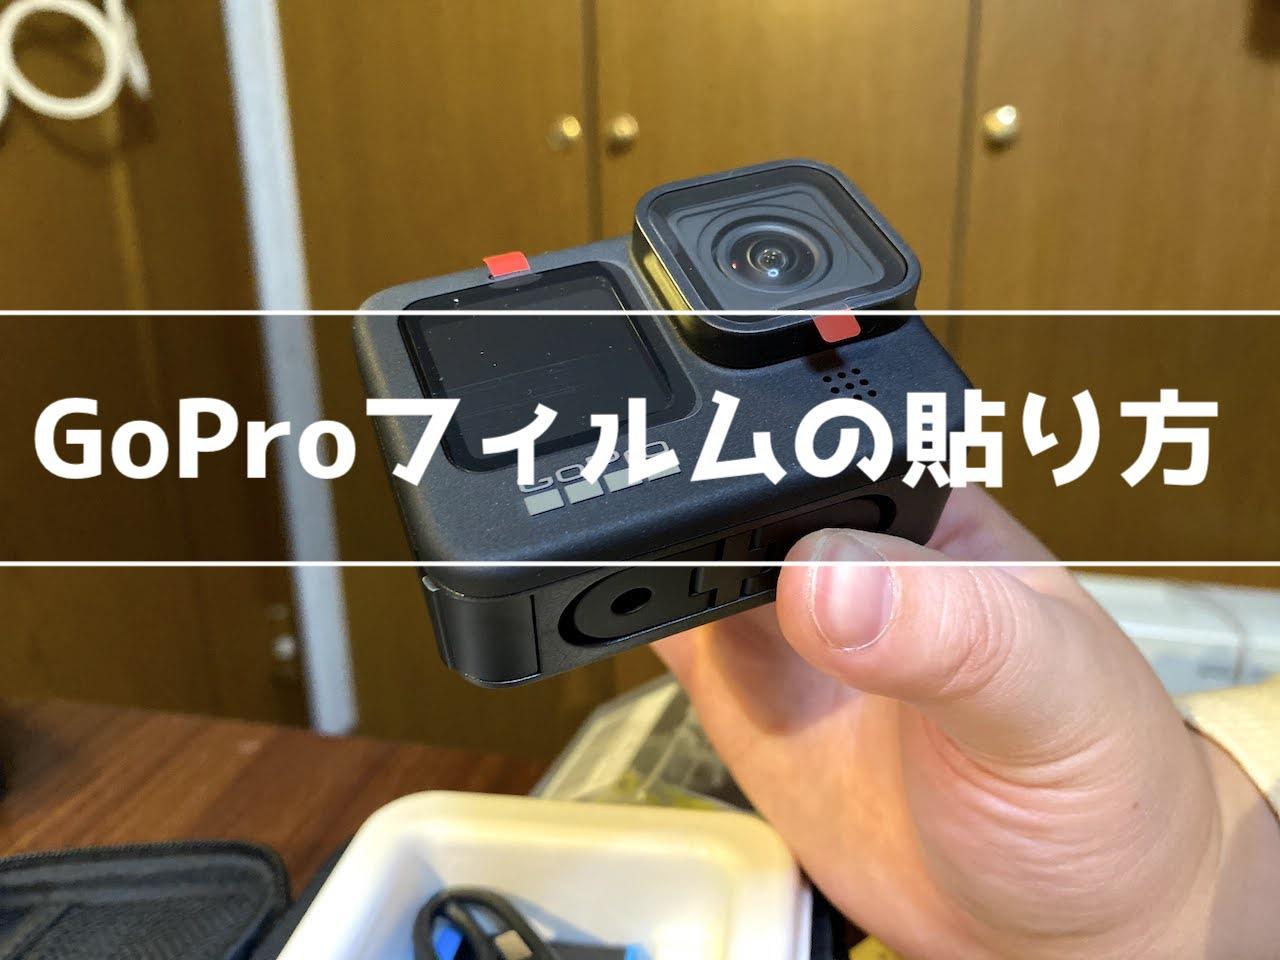 GoPro 保護フィルムの貼り方